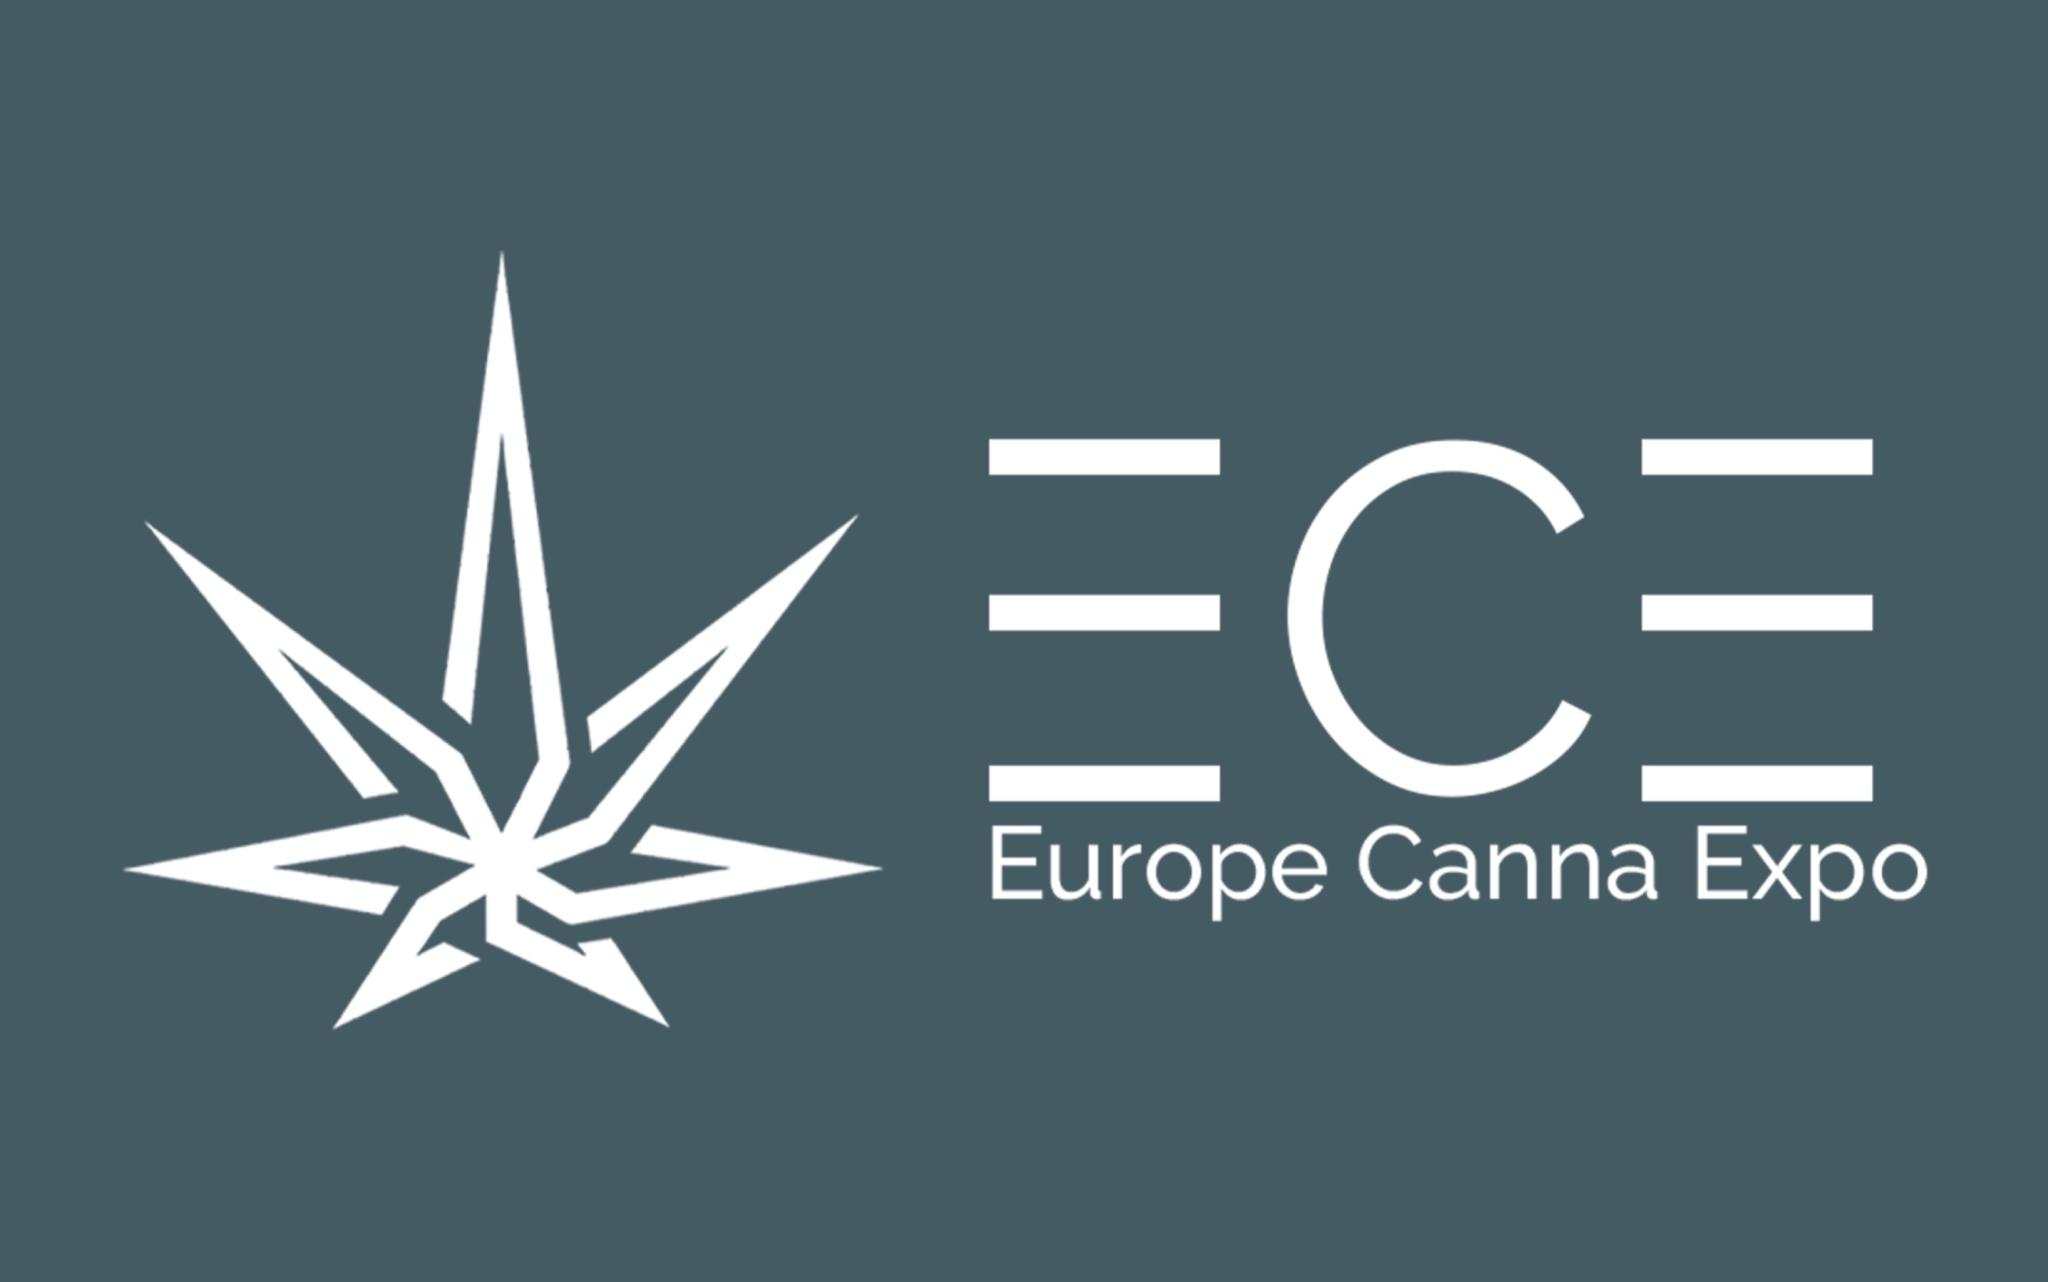 Europe Canna Expo